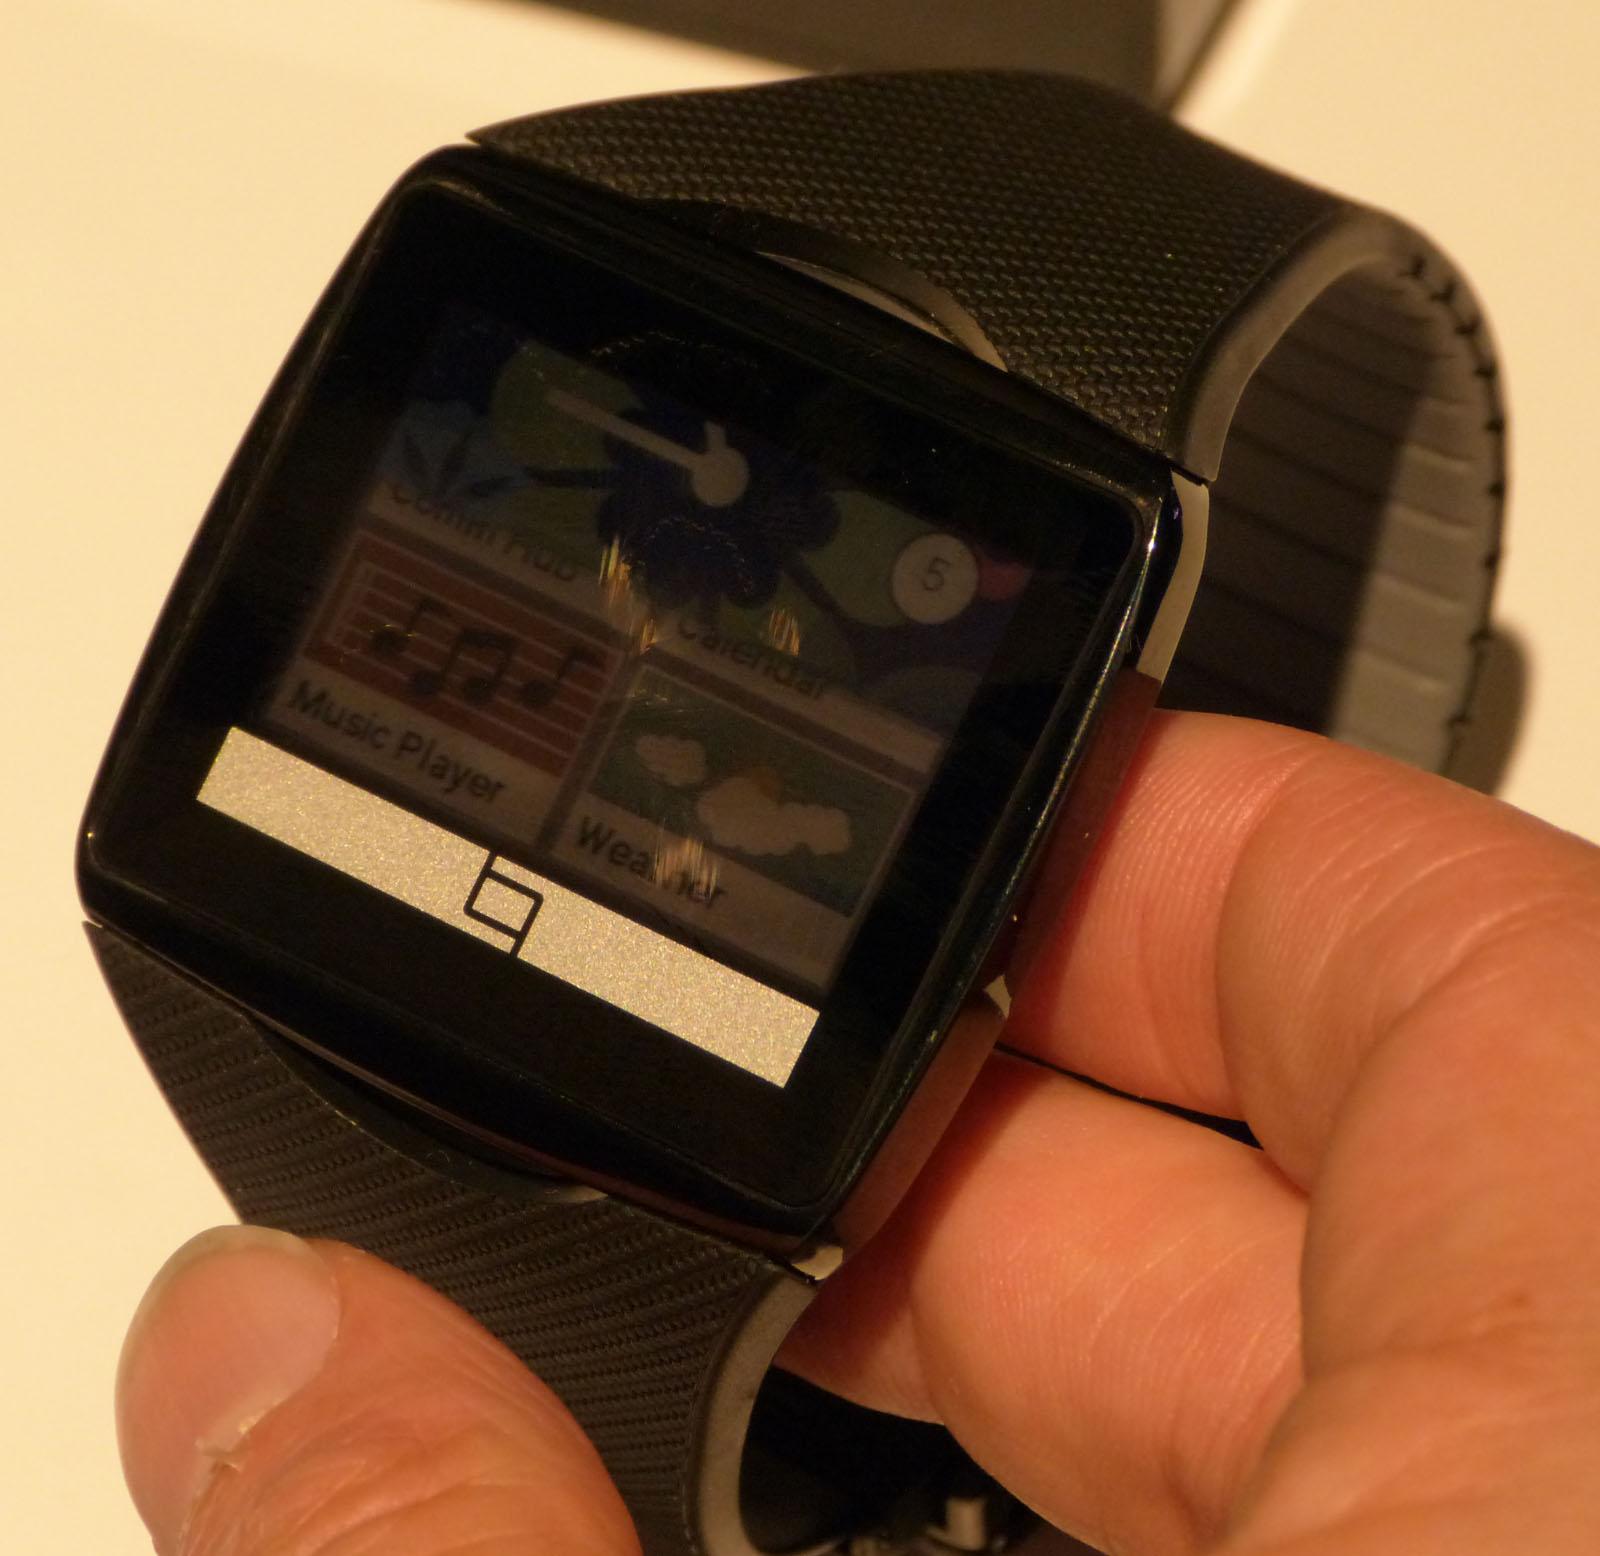 Qualcomm Toq, el nuevo smartwatch de la compañia